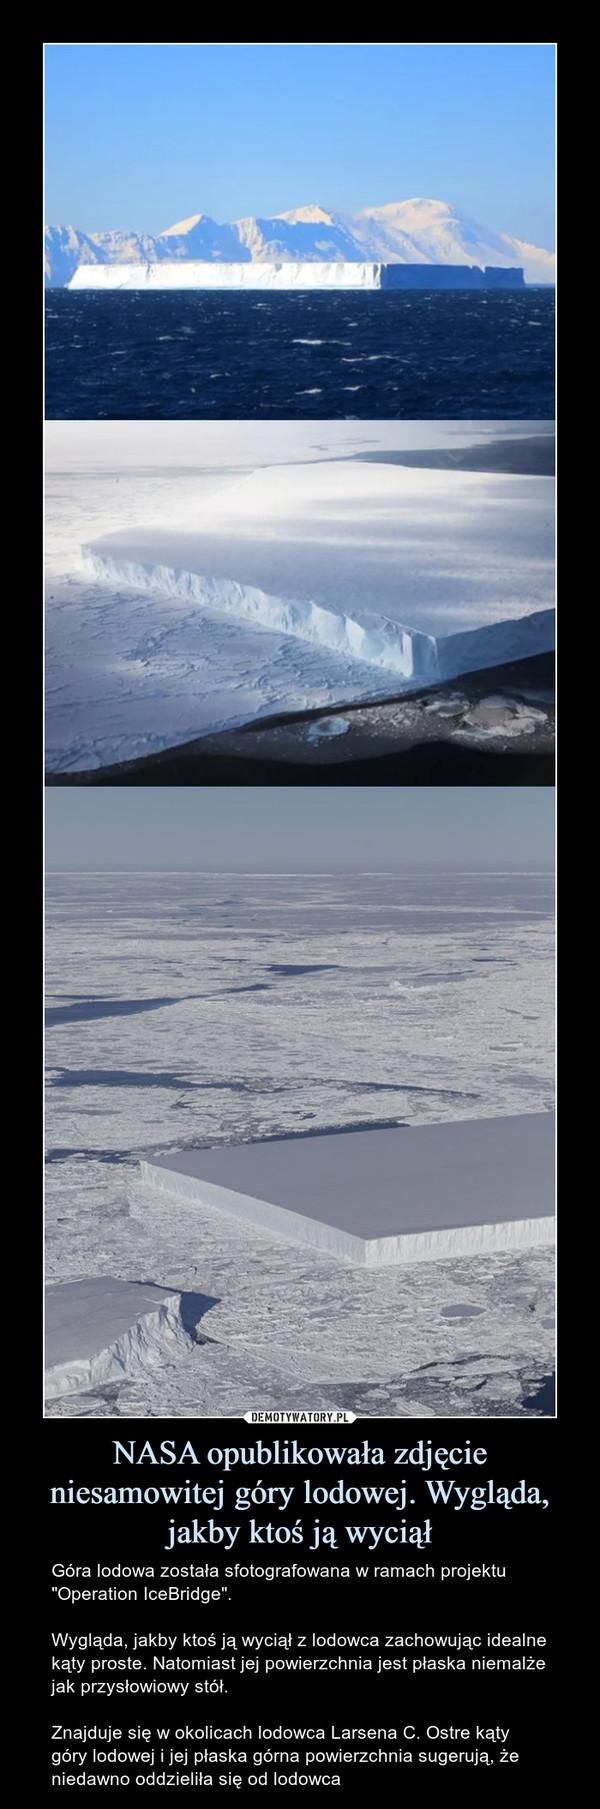 """NASA opublikowała zdjęcie niesamowitej góry lodowej. Wygląda, jakby ktoś ją wyciął – Góra lodowa została sfotografowana w ramach projektu """"Operation IceBridge"""".Wygląda, jakby ktoś ją wyciął z lodowca zachowując idealne kąty proste. Natomiast jej powierzchnia jest płaska niemalże jak przysłowiowy stół.Znajduje się w okolicach lodowca Larsena C. Ostre kąty góry lodowej i jej płaska górna powierzchnia sugerują, że niedawno oddzieliła się od lodowca"""